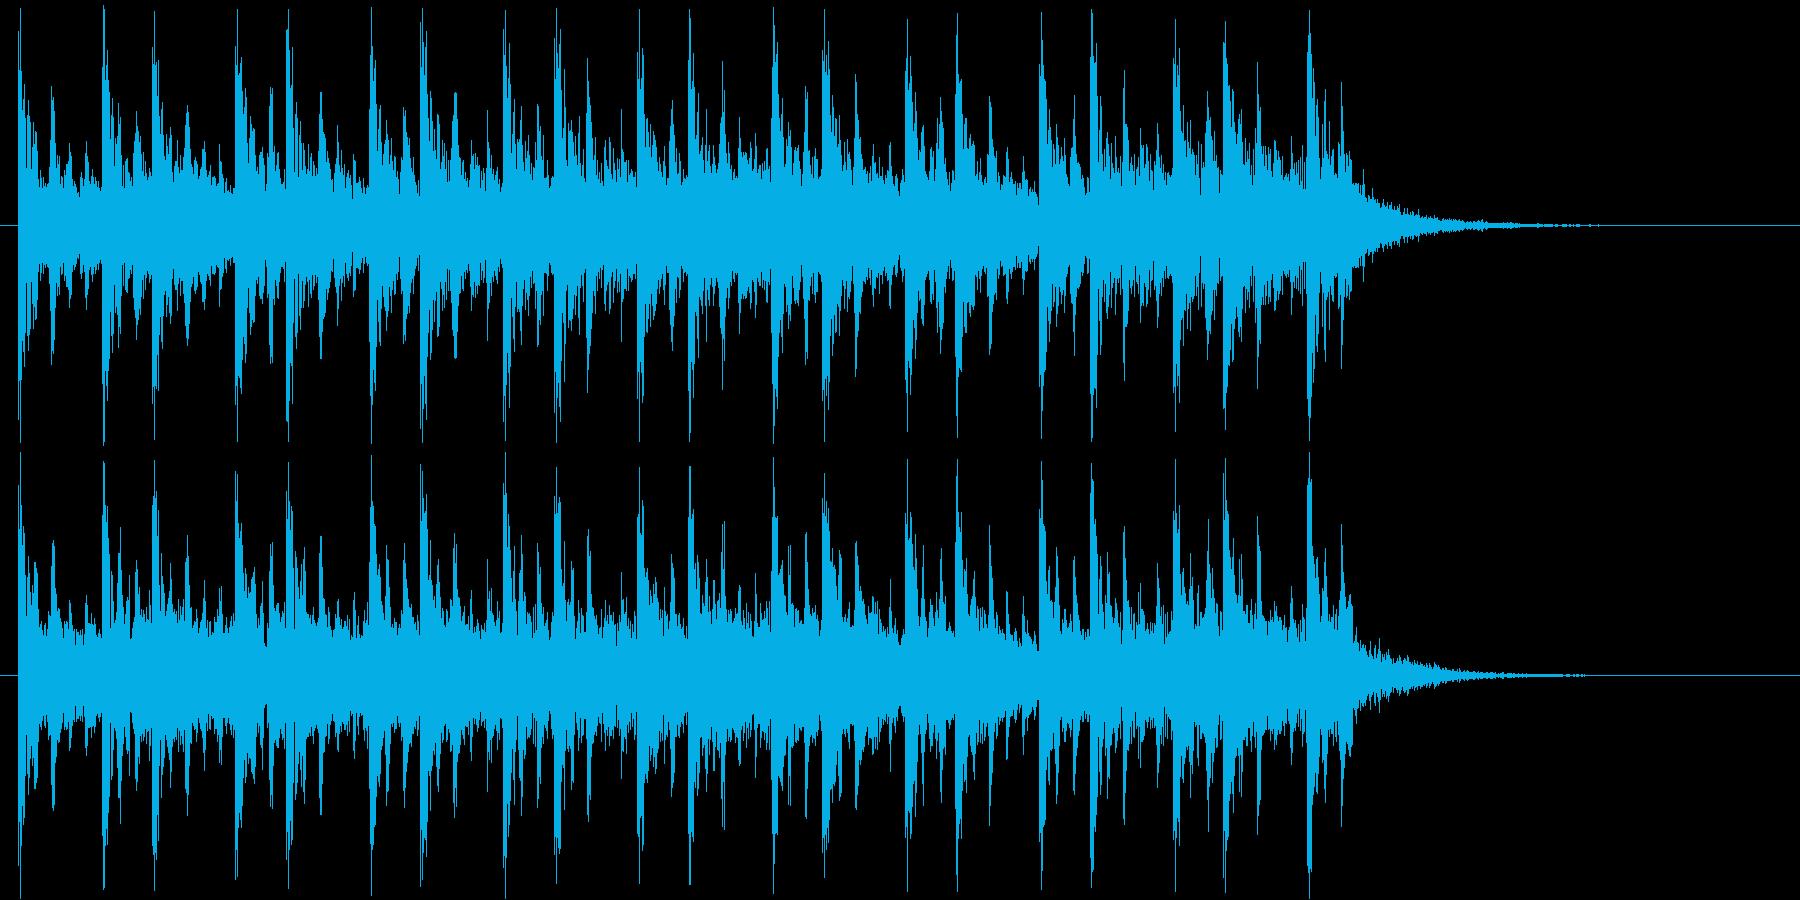 ゲームのバトル風ジングルの再生済みの波形